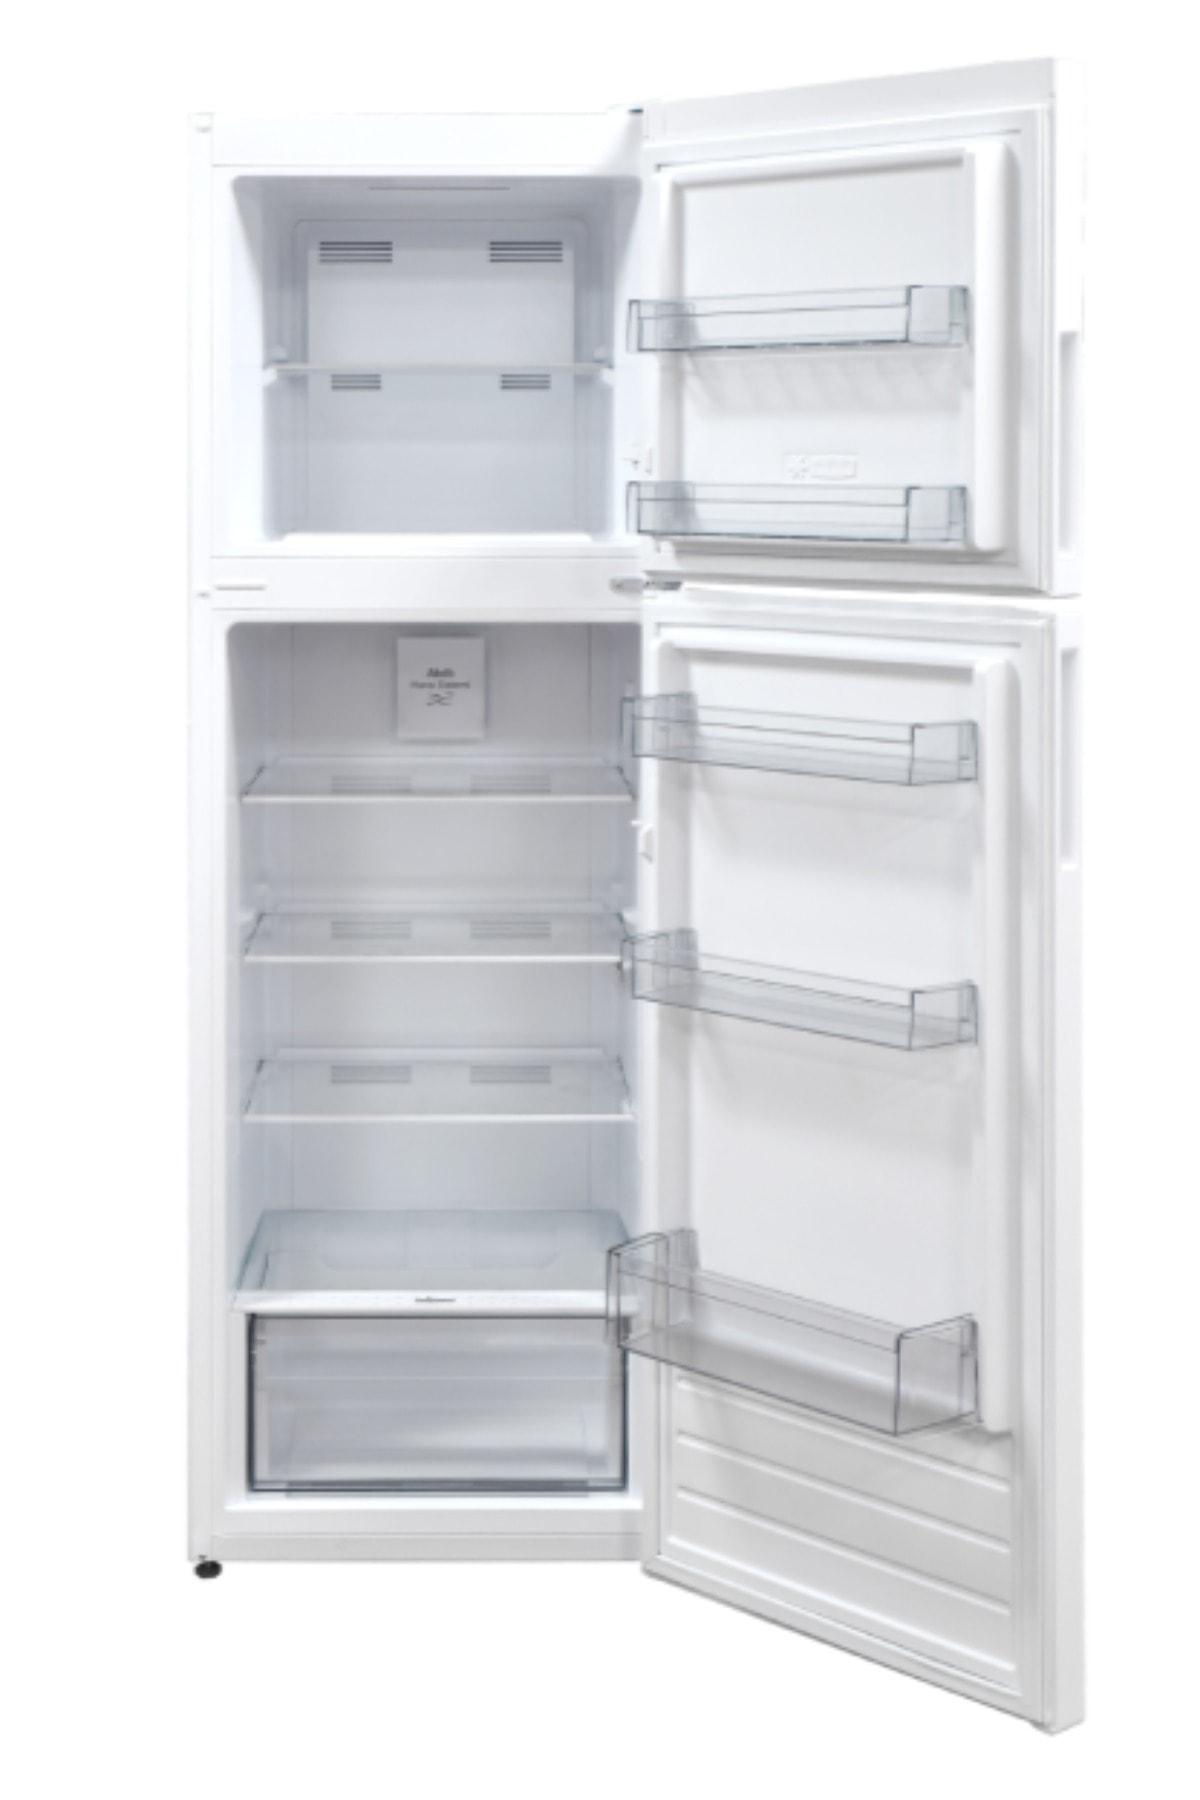 Regal NF 3020 A+ Çift Kapılı Buzdolabı 2